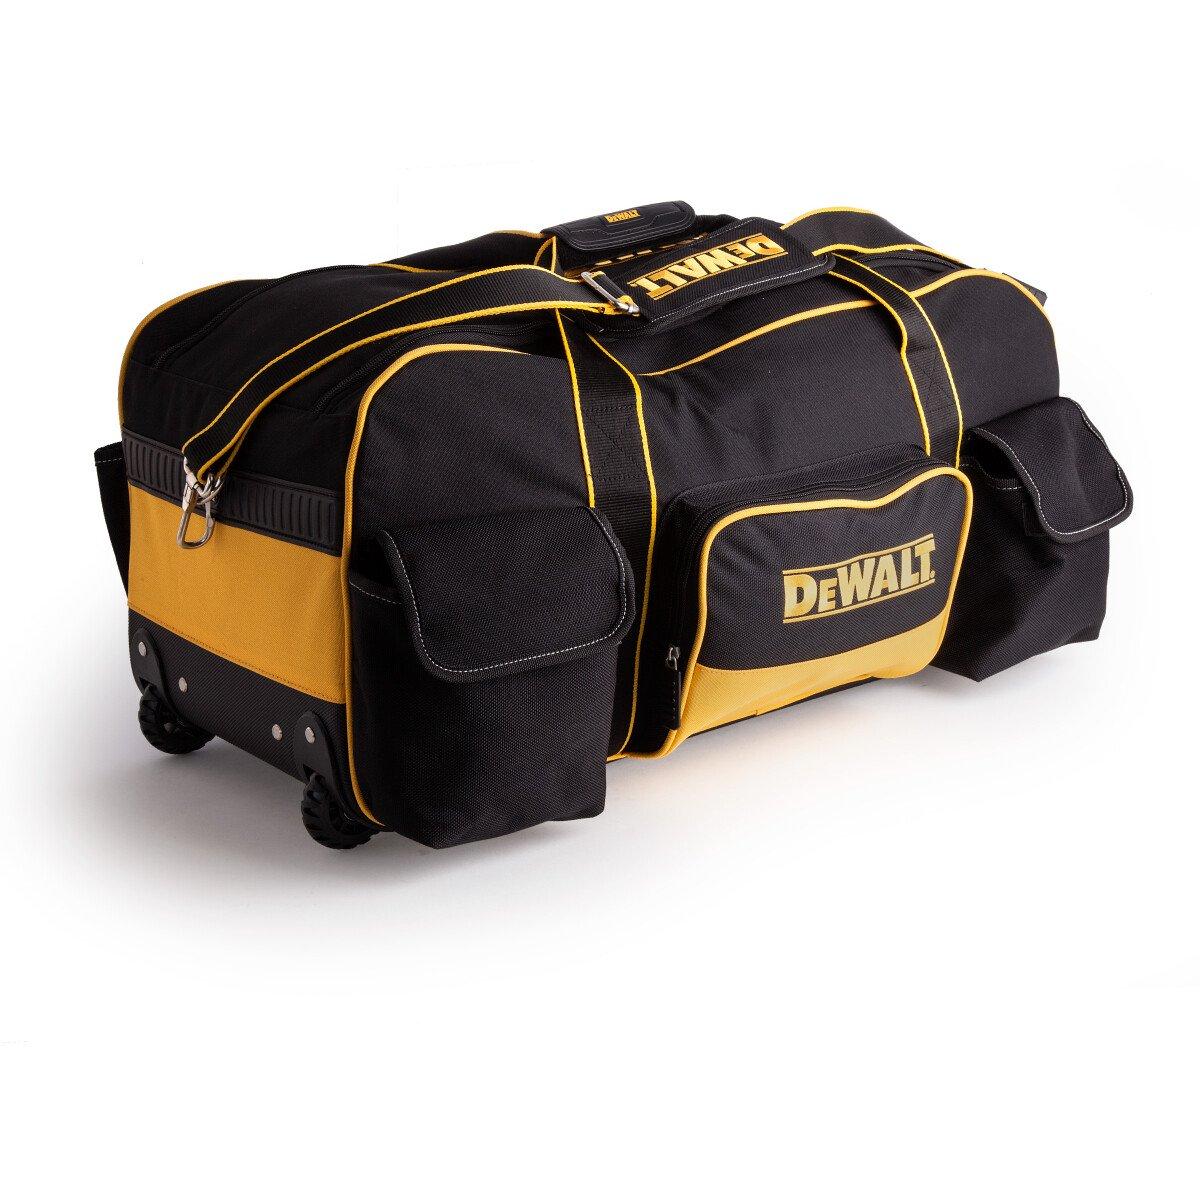 Dewalt DWST1-79210 Large Duffle Bag with Wheels